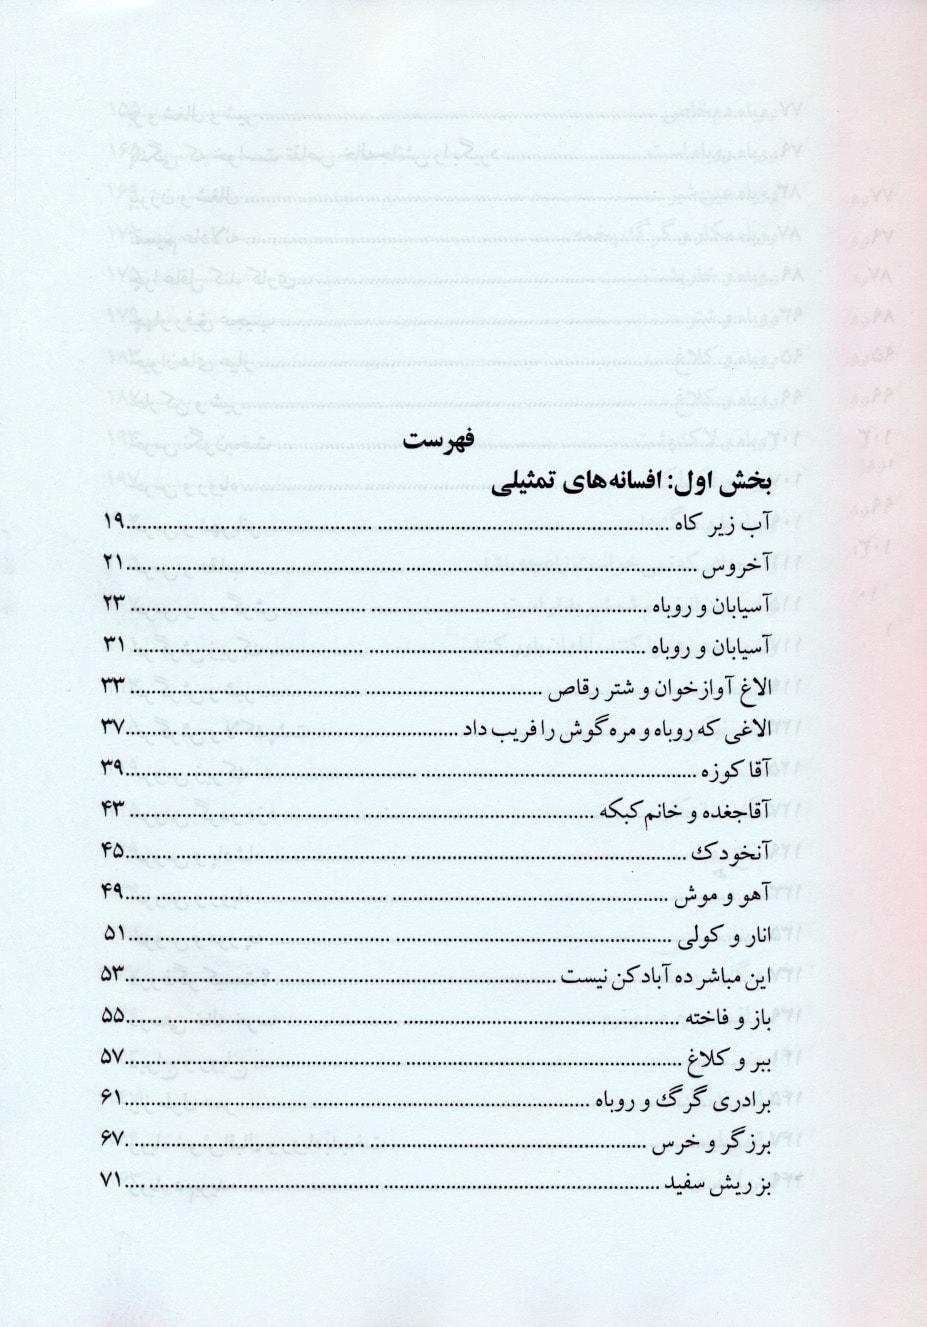 افسانه های ایرانی 7 (افسانه های فانتزی و تمثیلی)